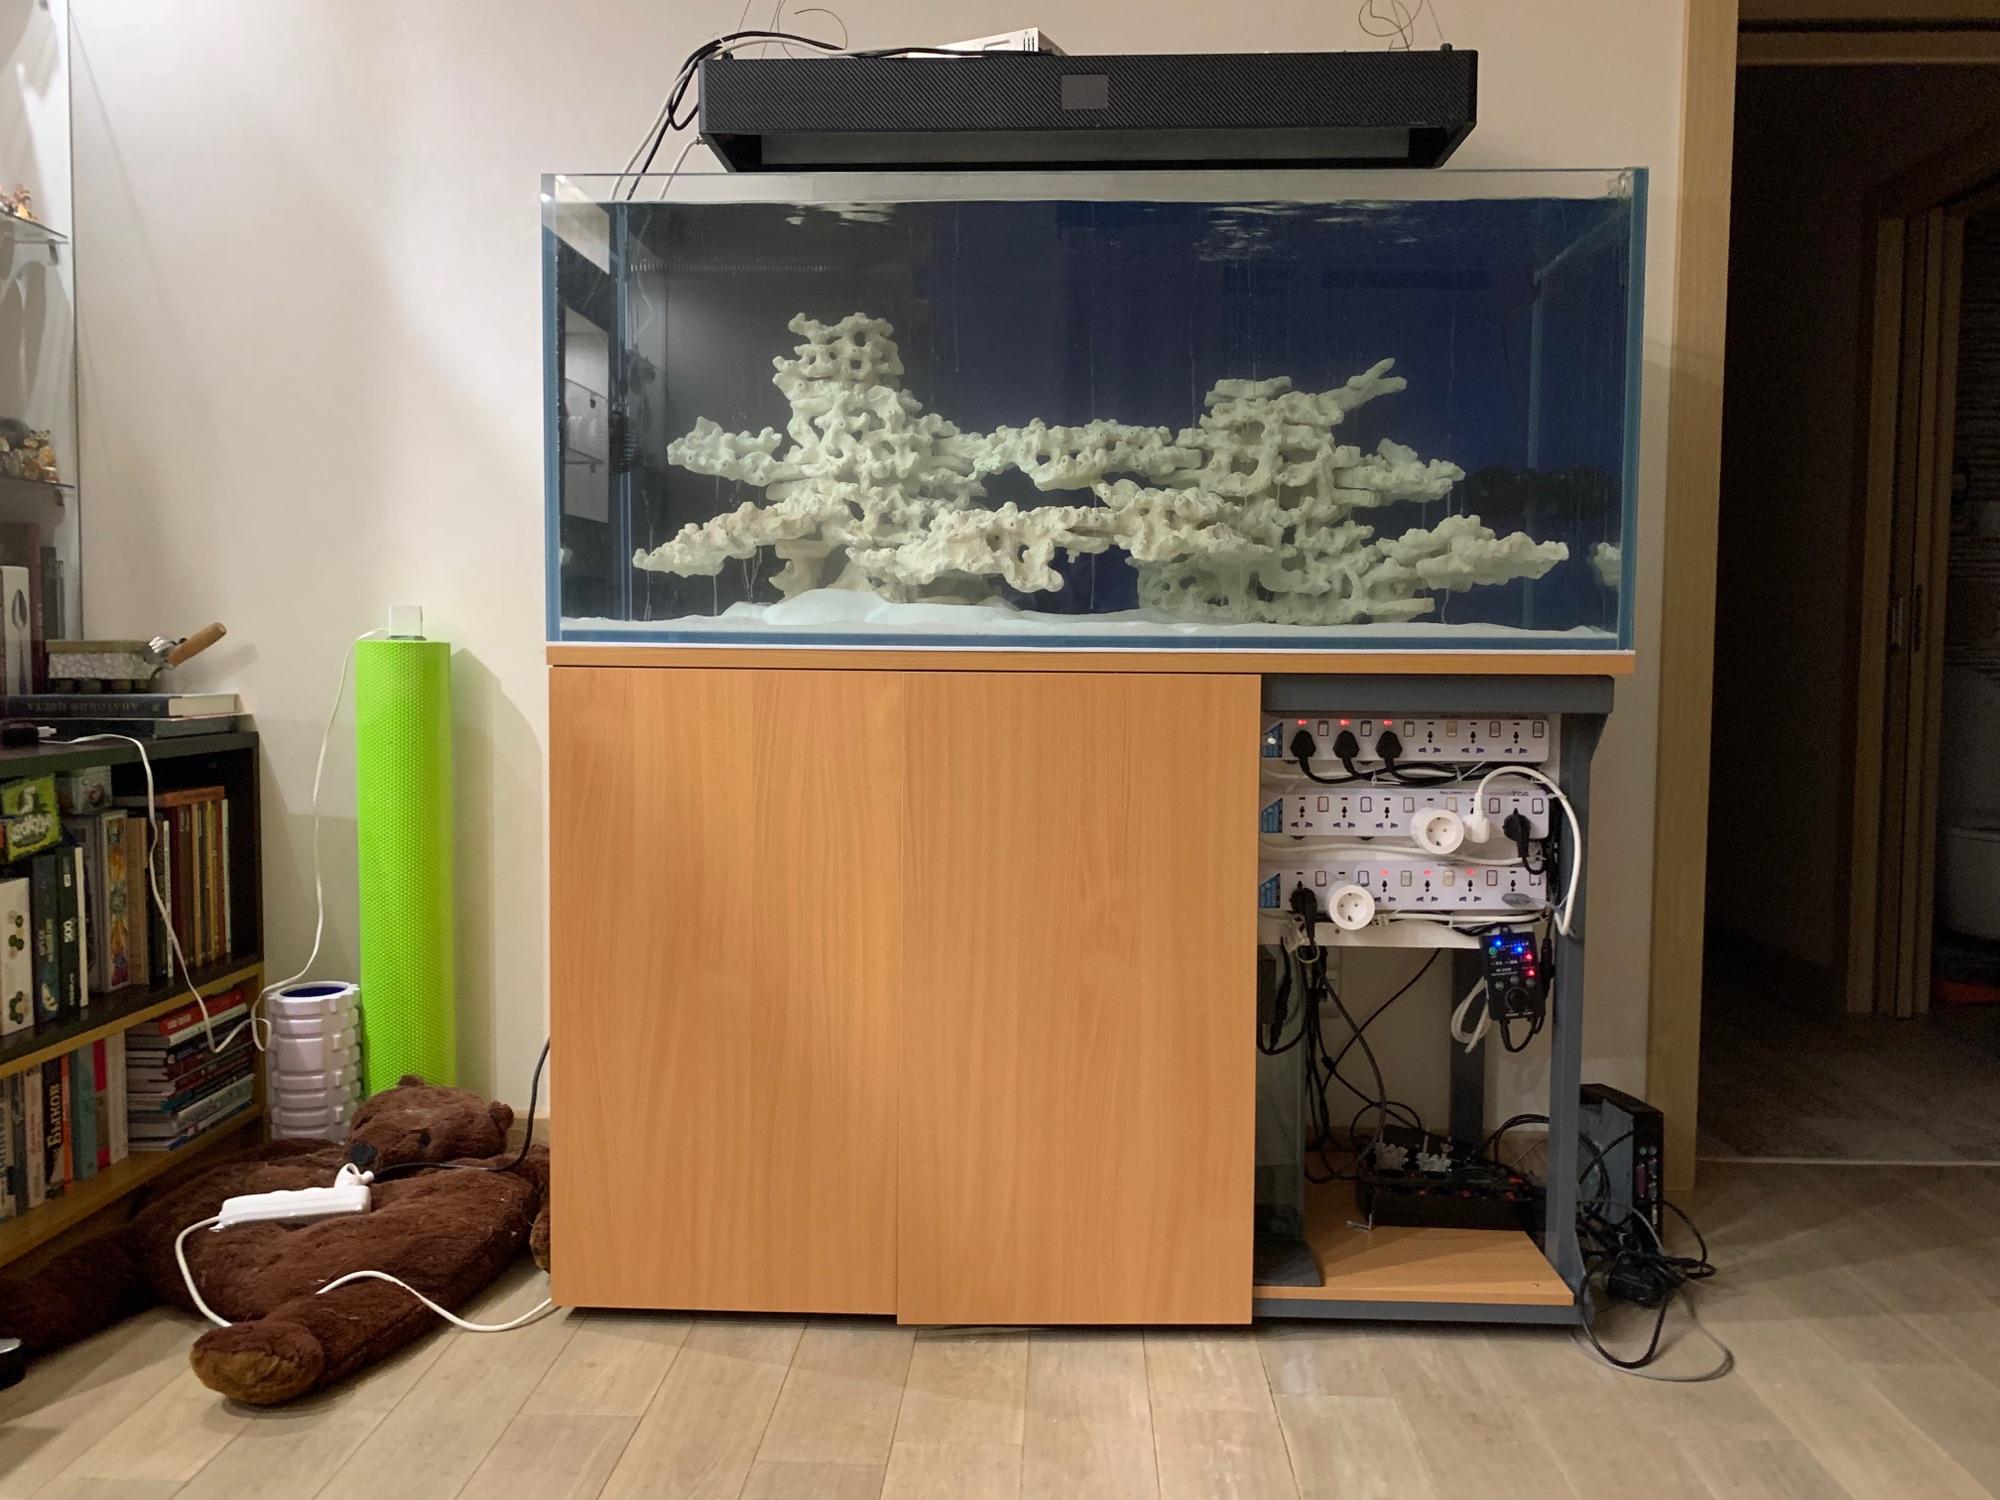 Ну и для истории текущее состояние нового аквариума. В пятницу-субботу налили. Вчера добавили песочка и засолили. Ждём! #морскойаквариум #домашнееморе